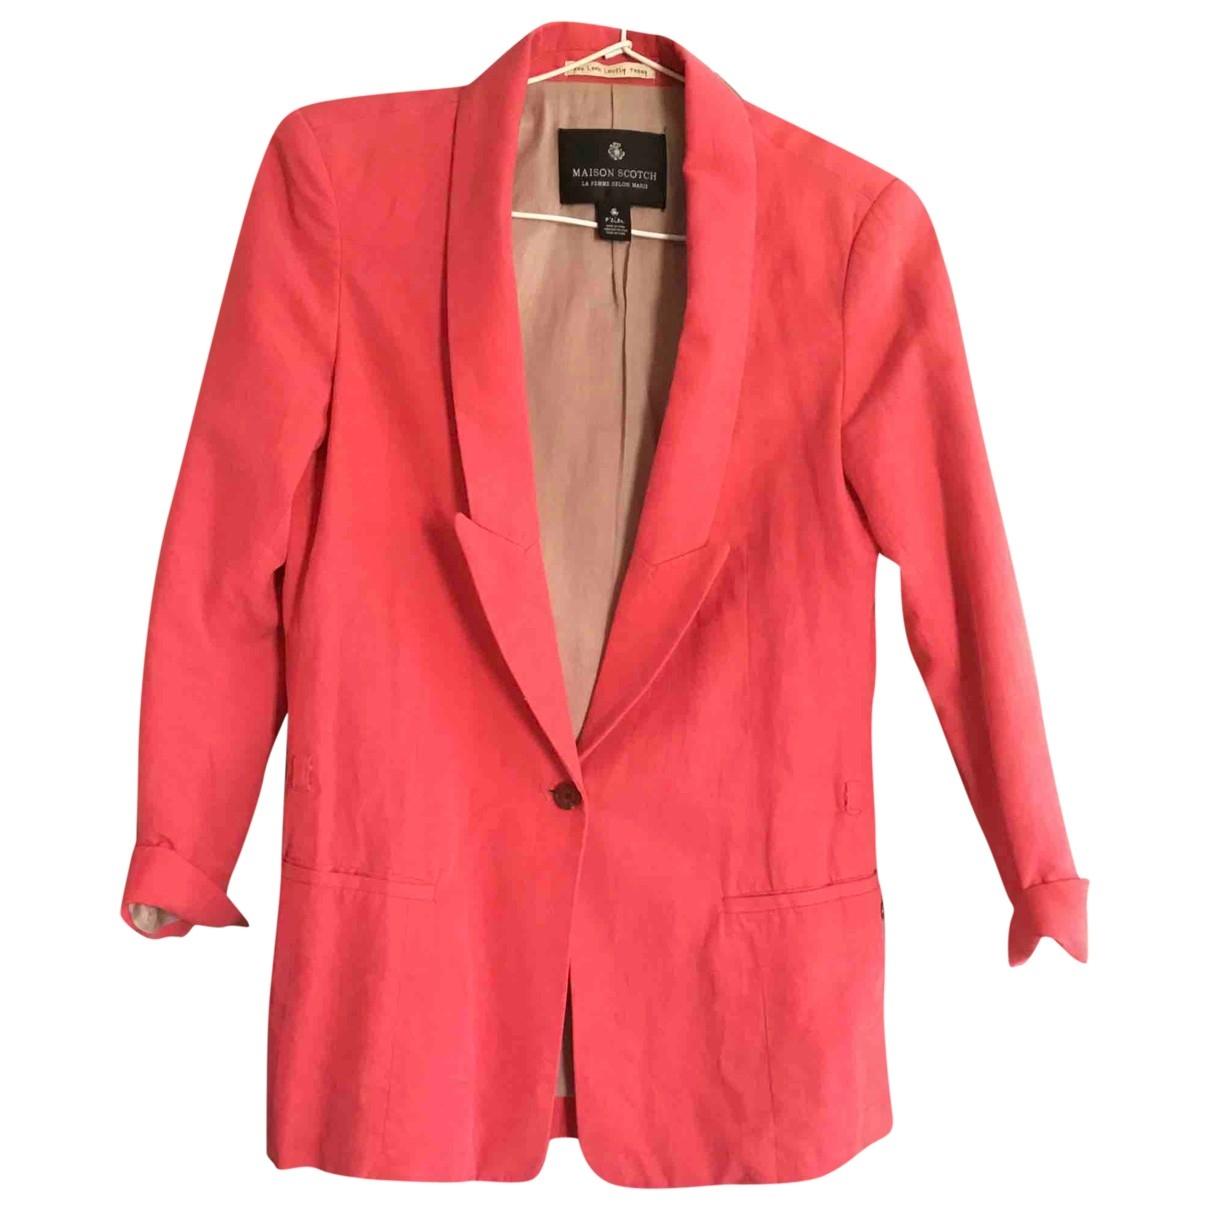 Maison Scotch - Veste   pour femme en coton - rouge